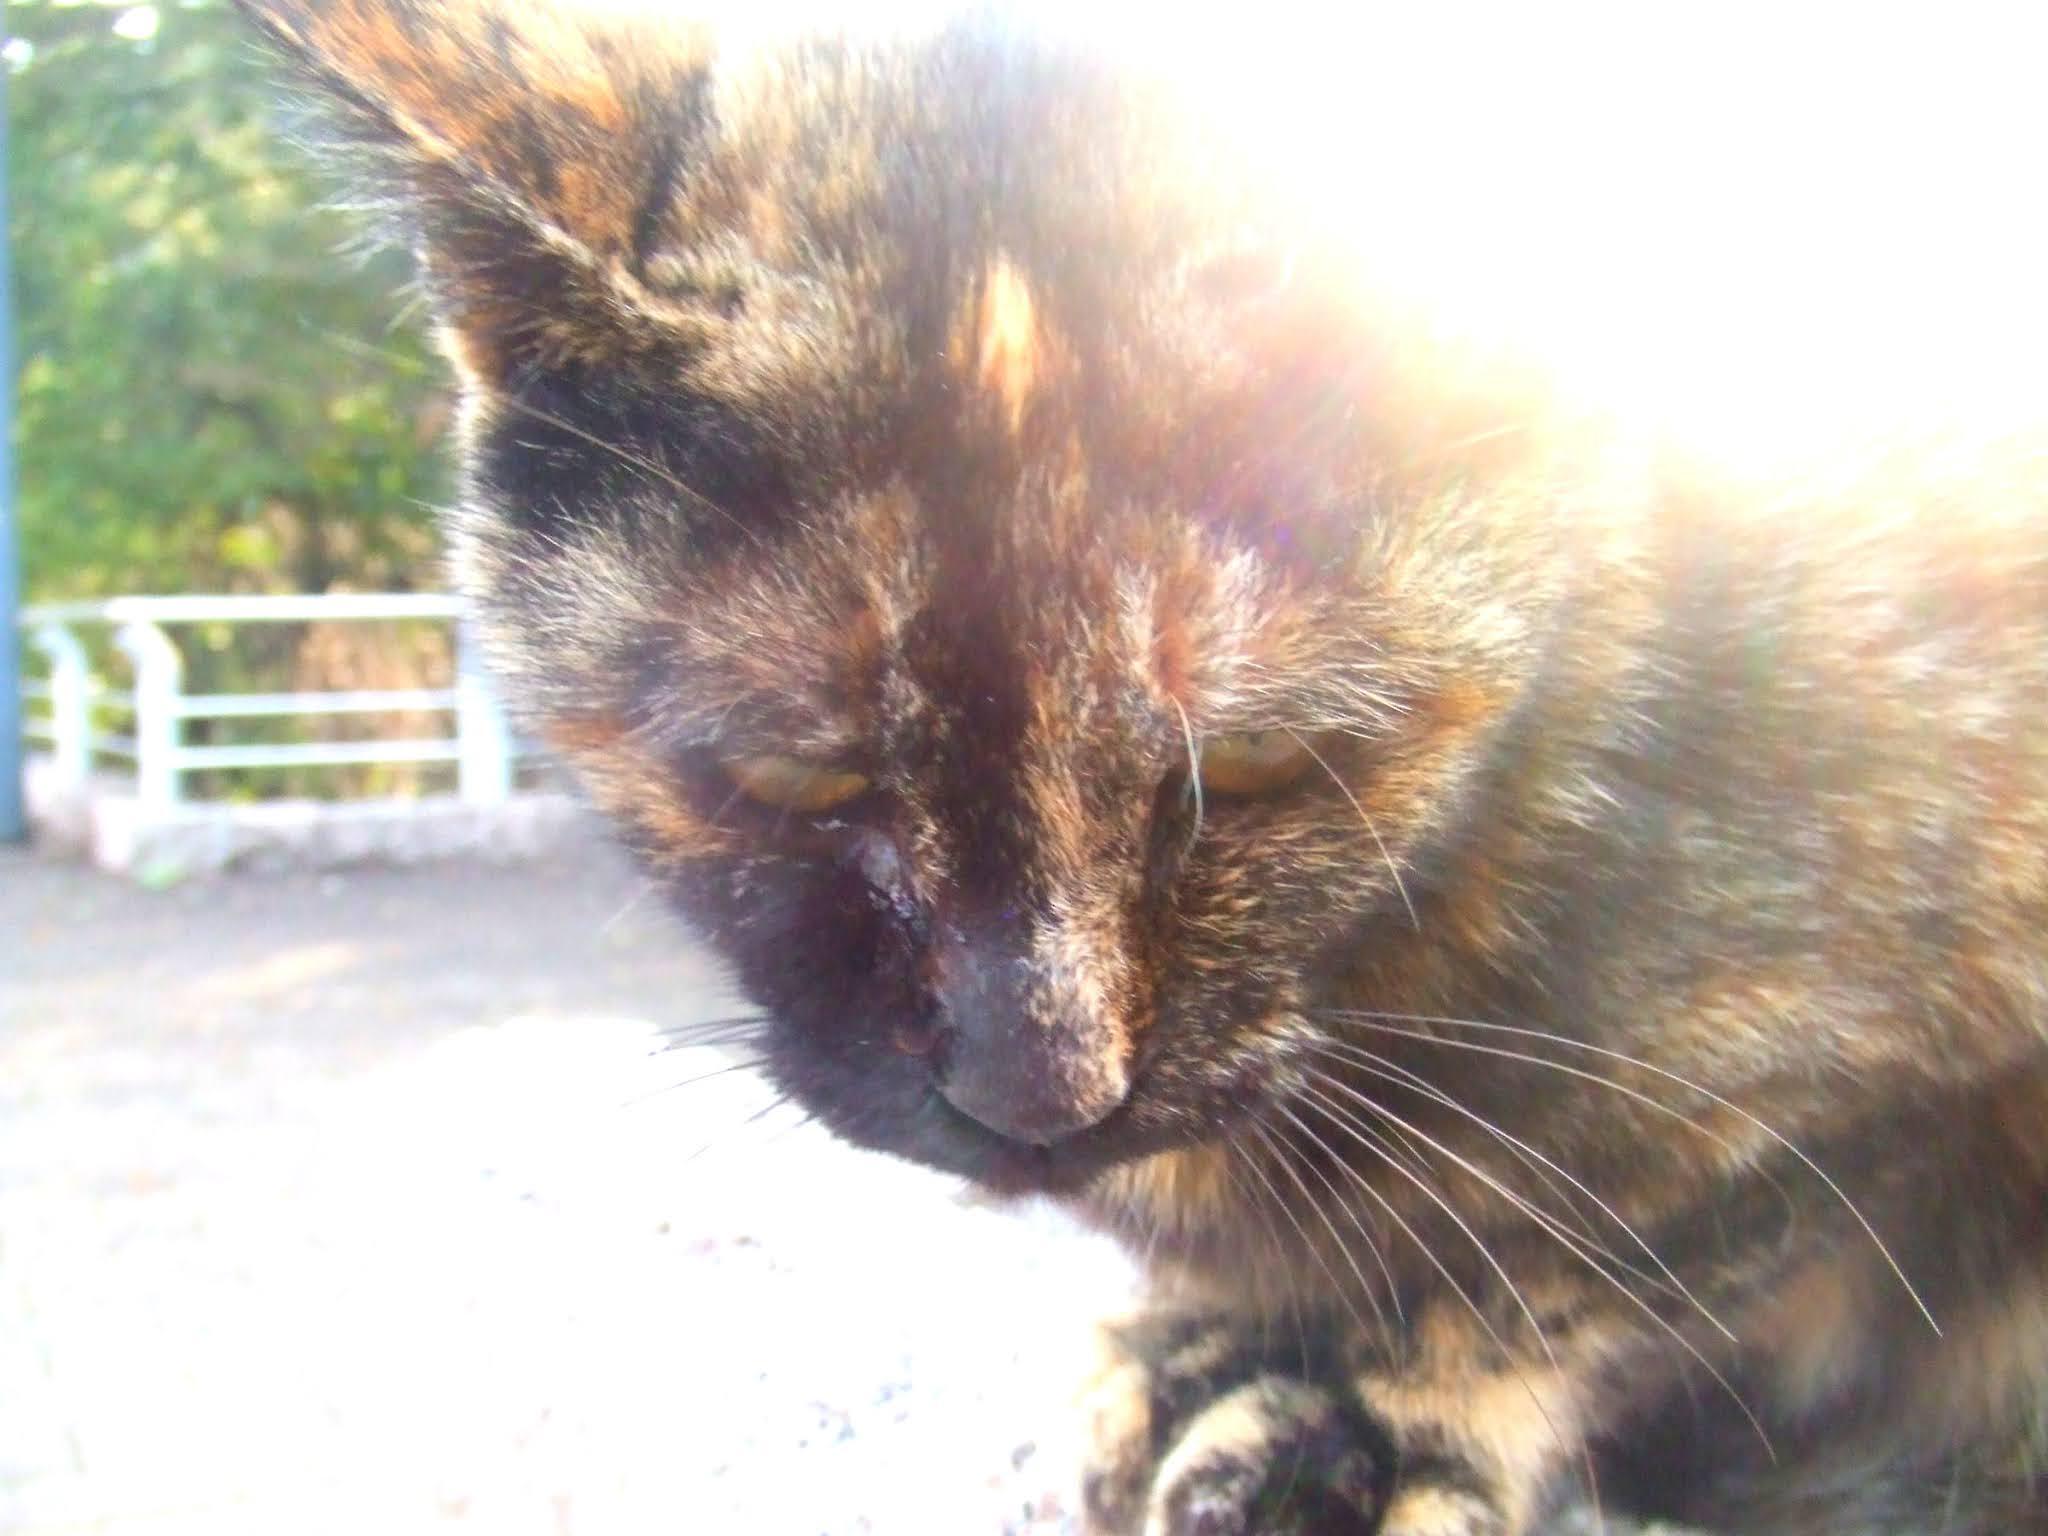 猫さんのアップの写真です。サビ猫さんの、真正面からの堂々たる雰囲気。猫ブログなどにどうでしょう。